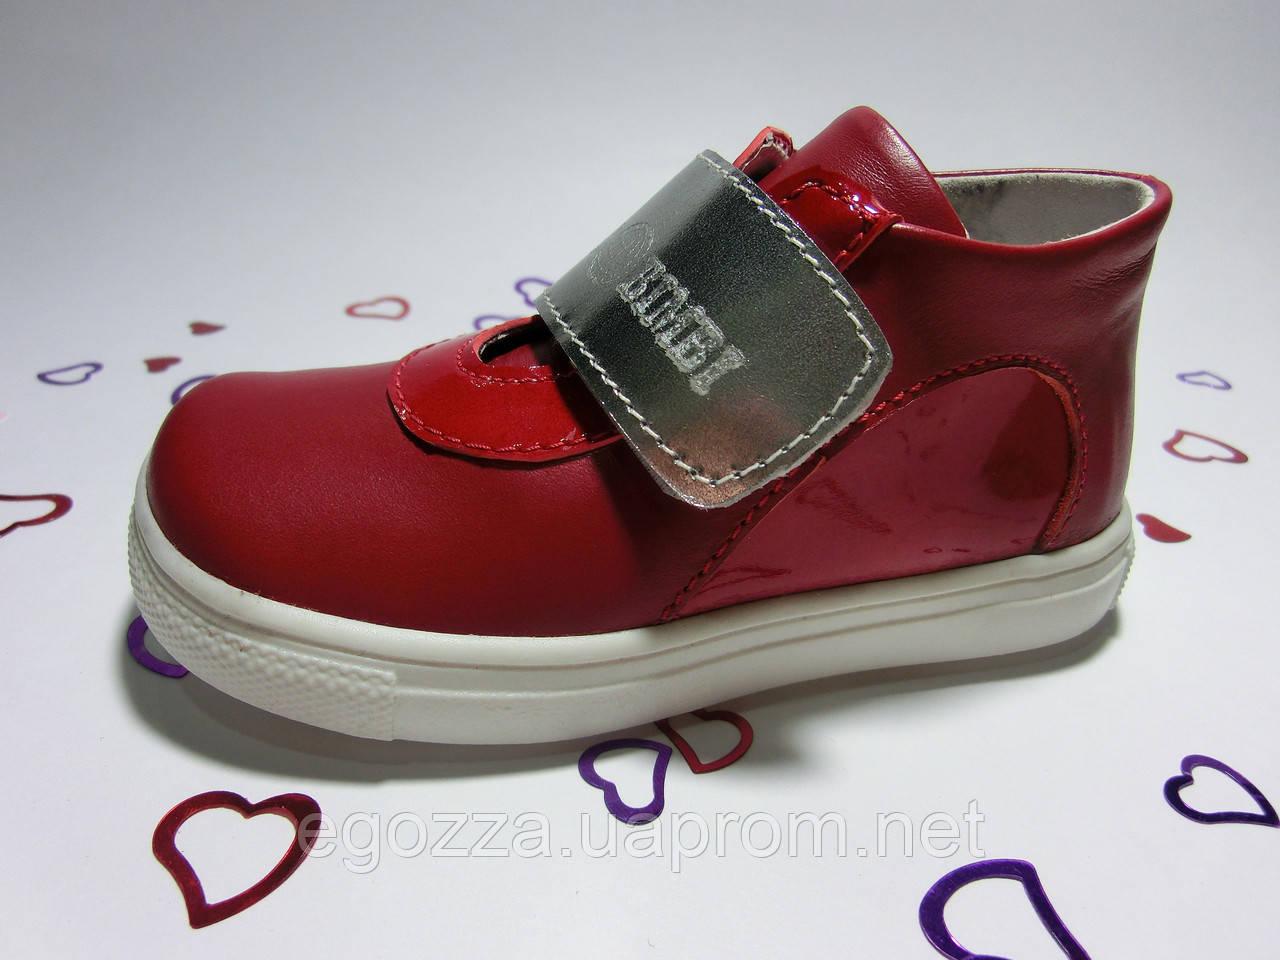 8f1bae6b Красивые кеды для девочки. Размер 21. - Магазин одежды и обуви для детей